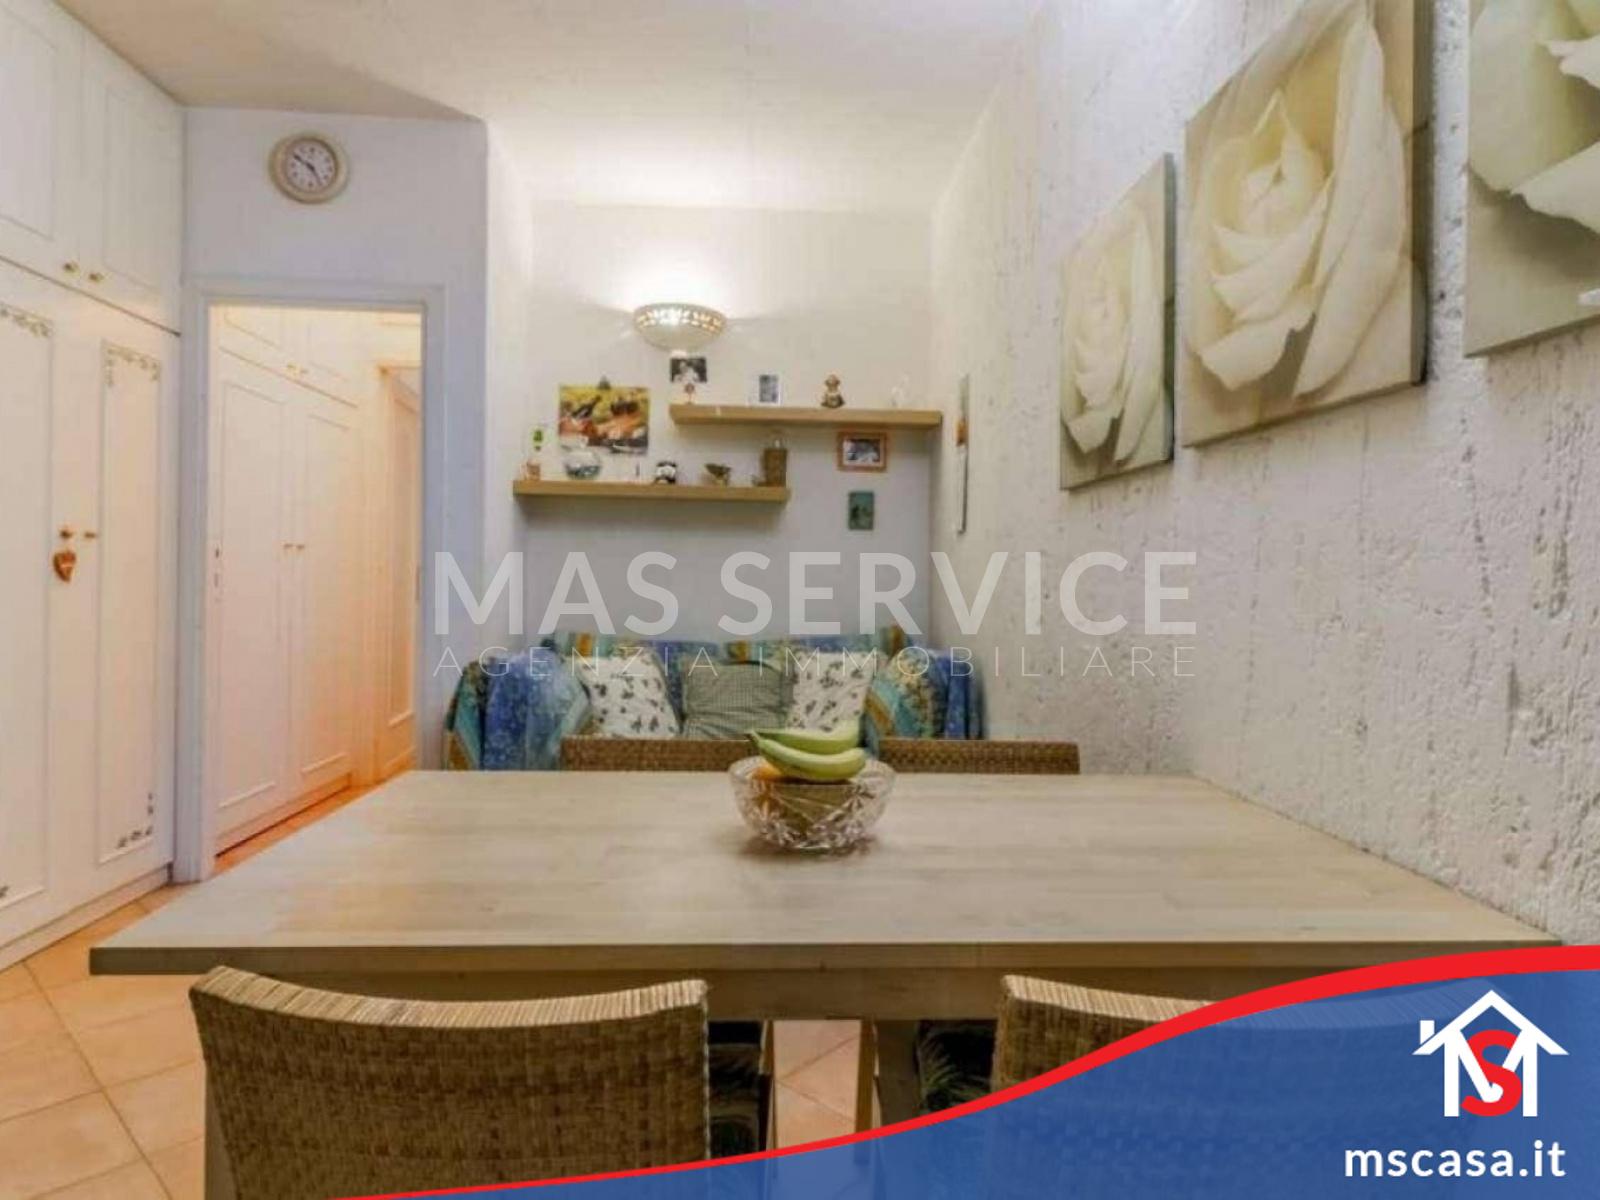 Bilocale in vendita zona Mostacciano a Roma Vista Soggiorno Open Space con Cucina